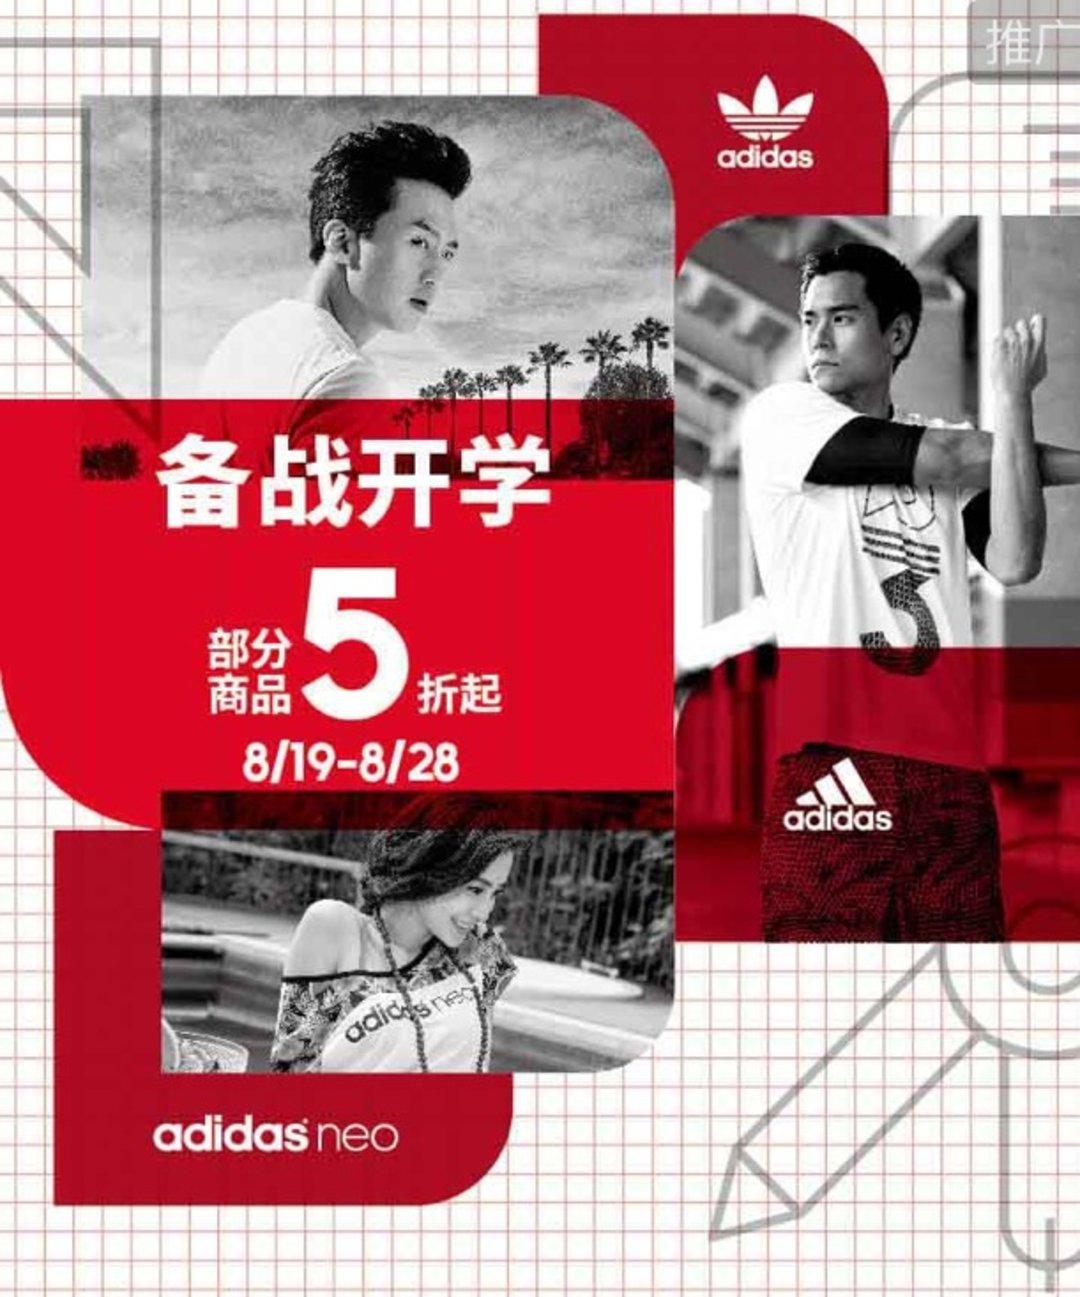 中国中小学生的开学季,可能是个被忽略的市场_商业_好奇心日报